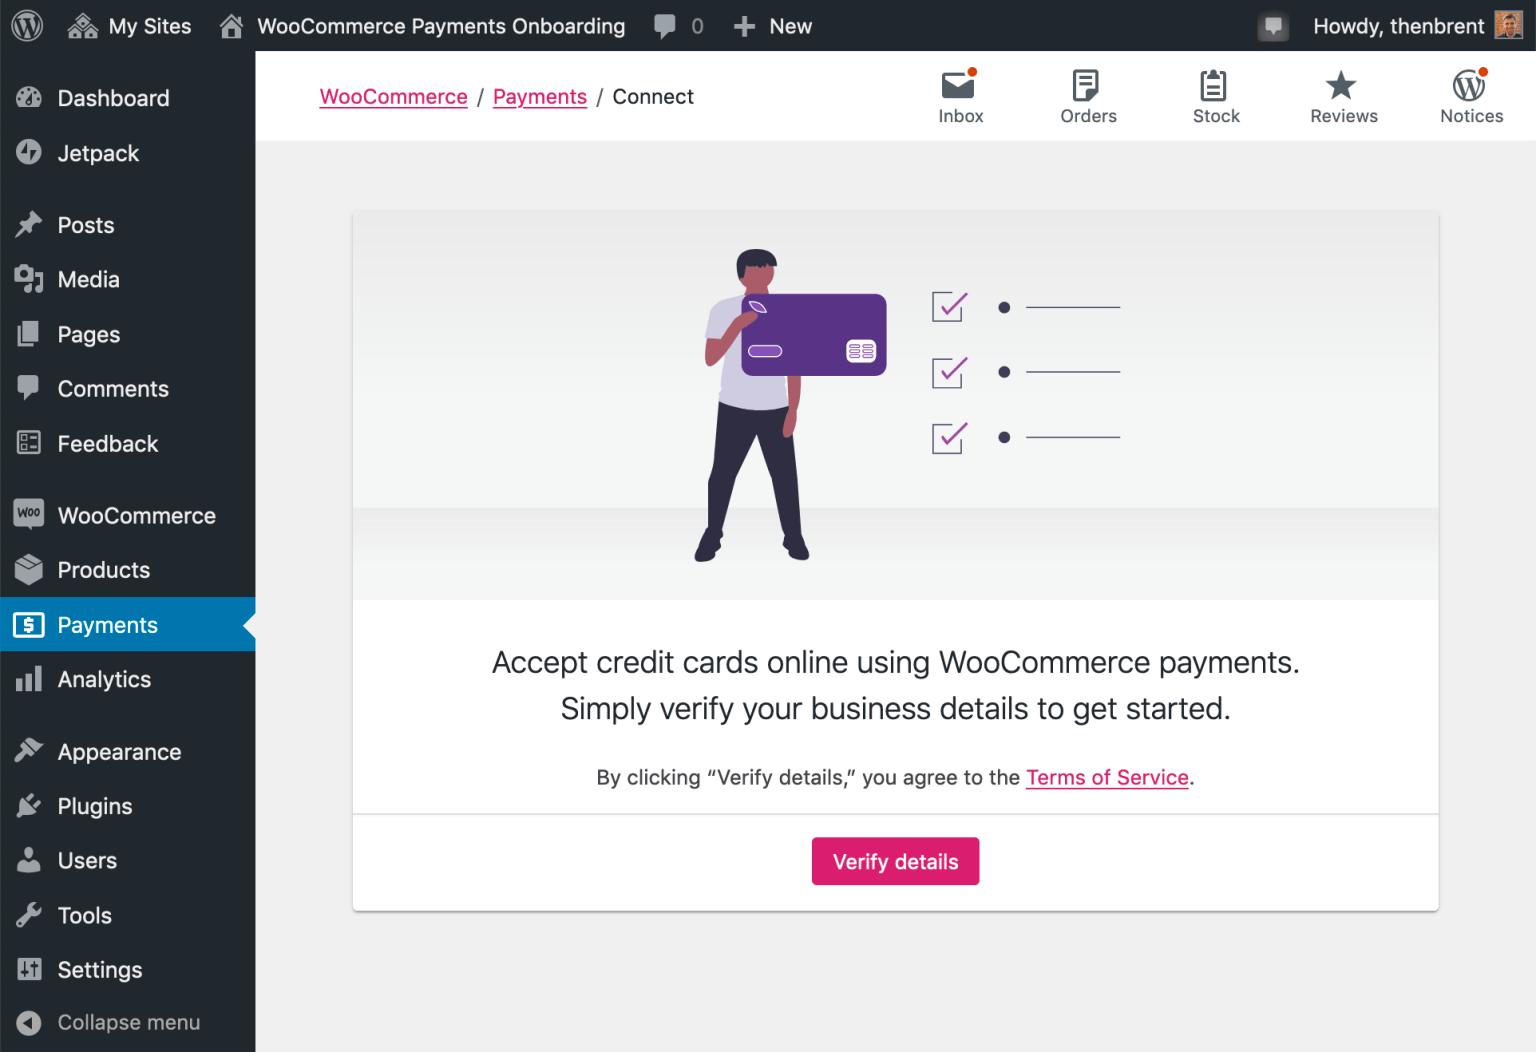 WooCommerce 4.1